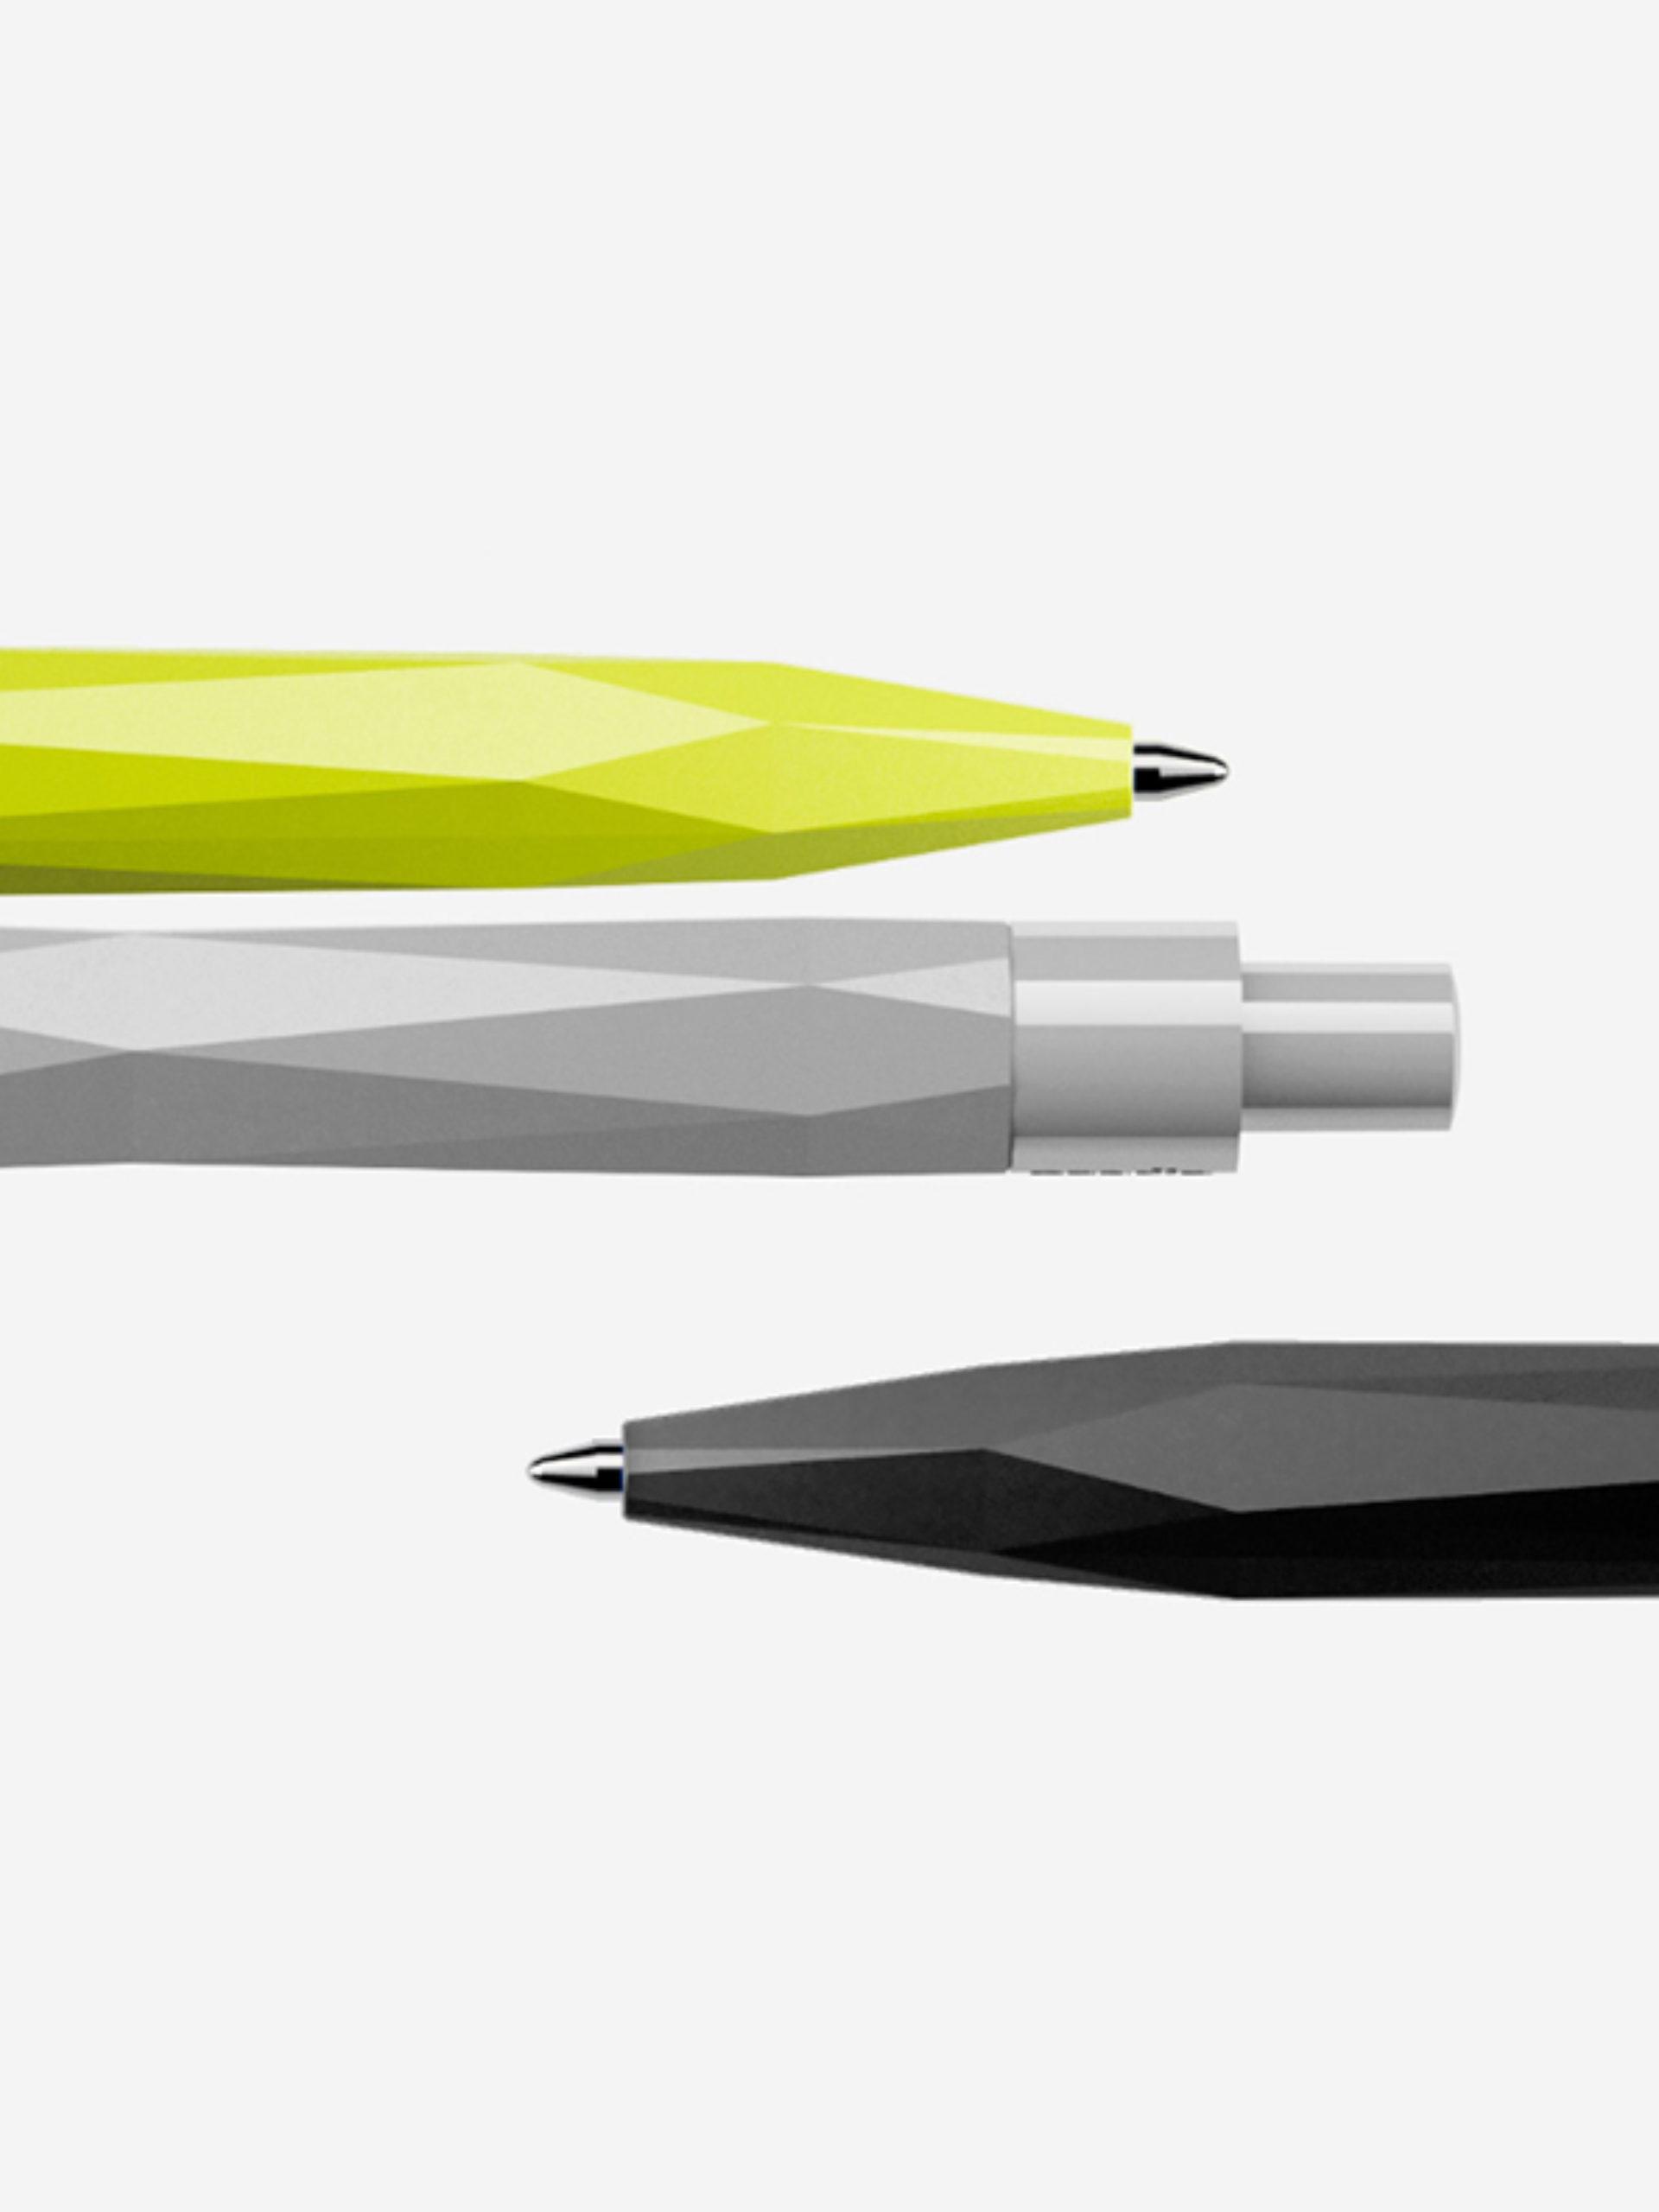 Kugelschreiber Kantig Bedrucken Lassen